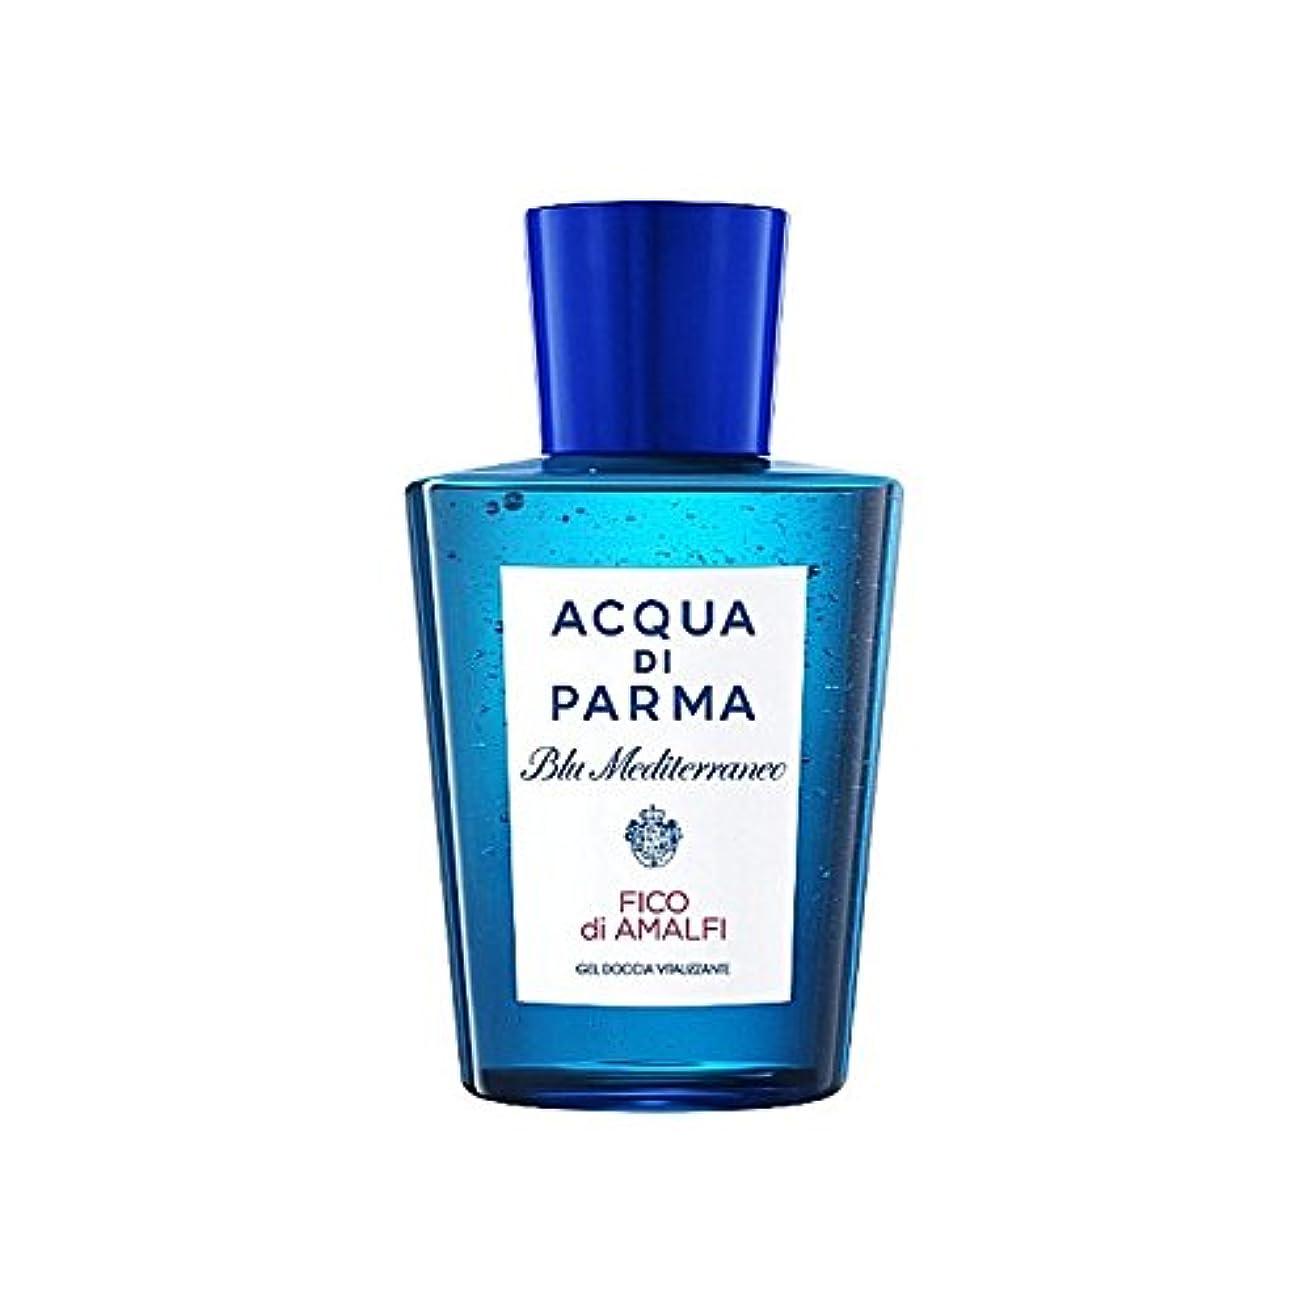 アクアディパルマブルーメディジアマルフィシャワージェル200 x2 - Acqua Di Parma Blu Mediterraneo Fico Di Amalfi Shower Gel 200ml (Pack of 2) [並行輸入品]